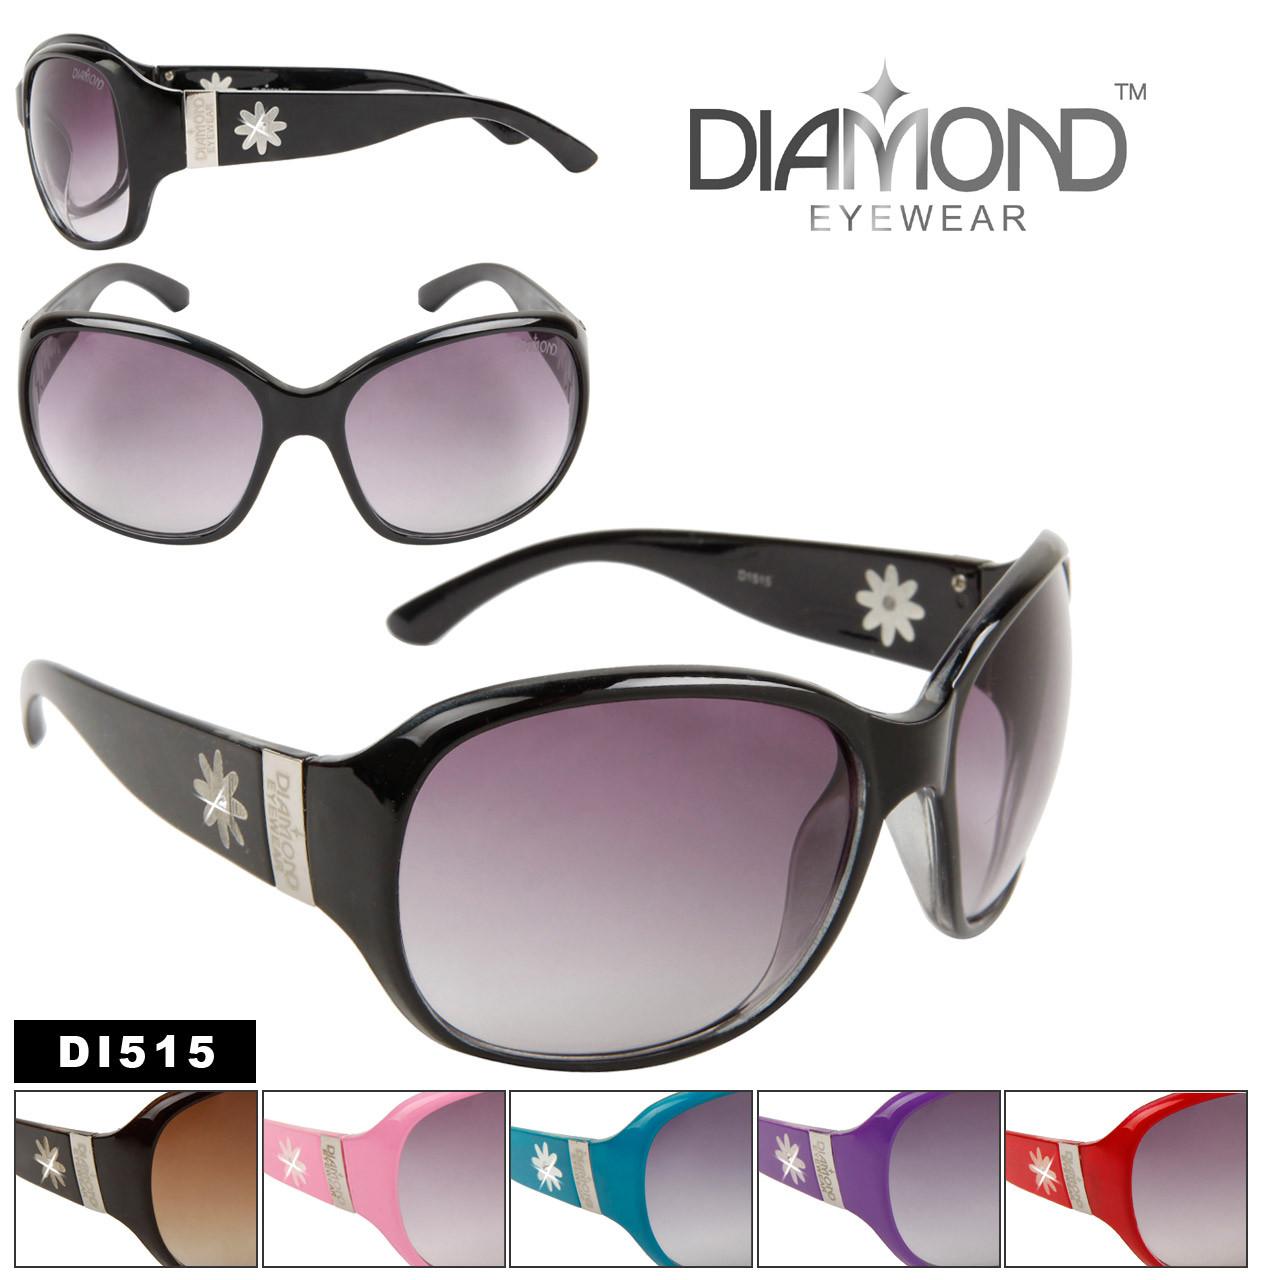 DI515 Sunglasses